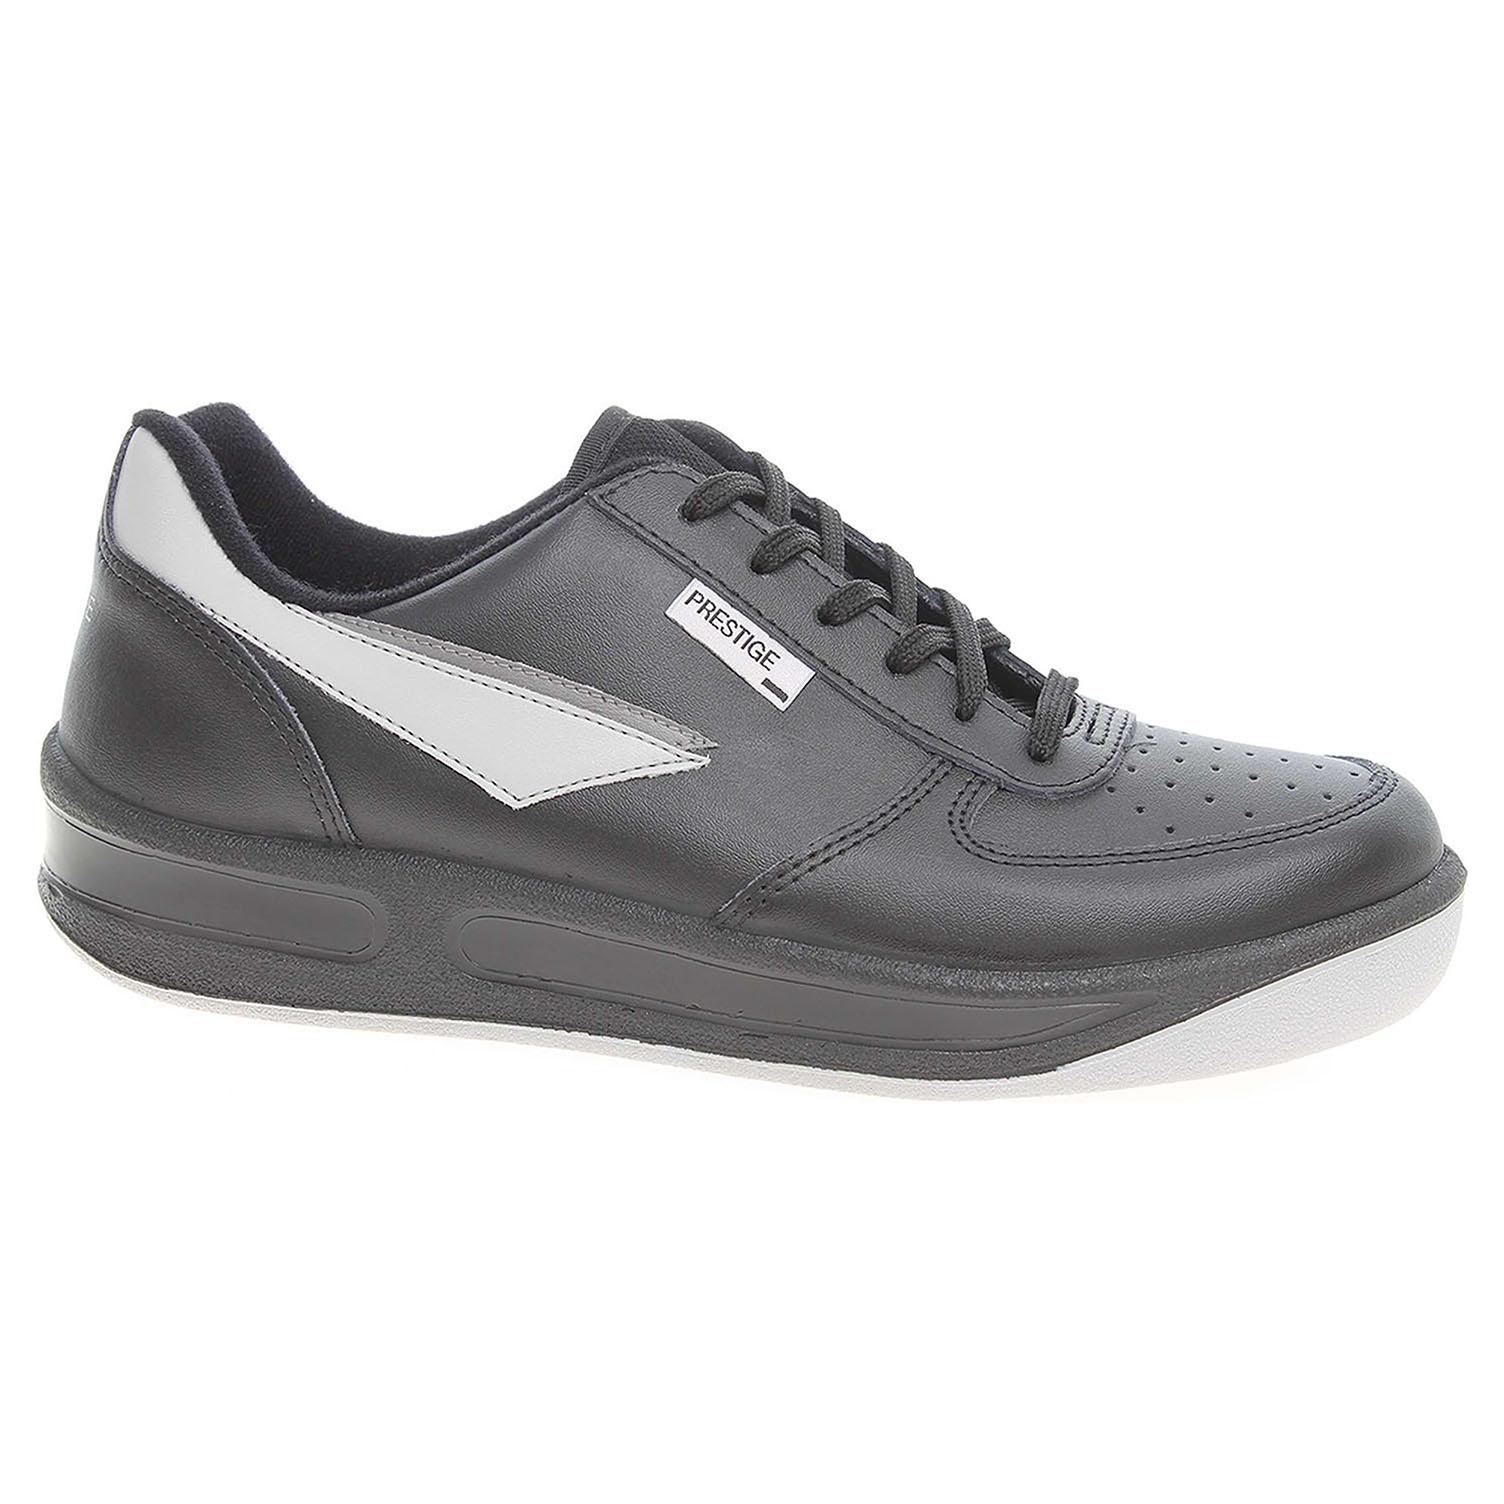 Pánská obuv Prestige 86808-60 černá 86808-60 černá 41